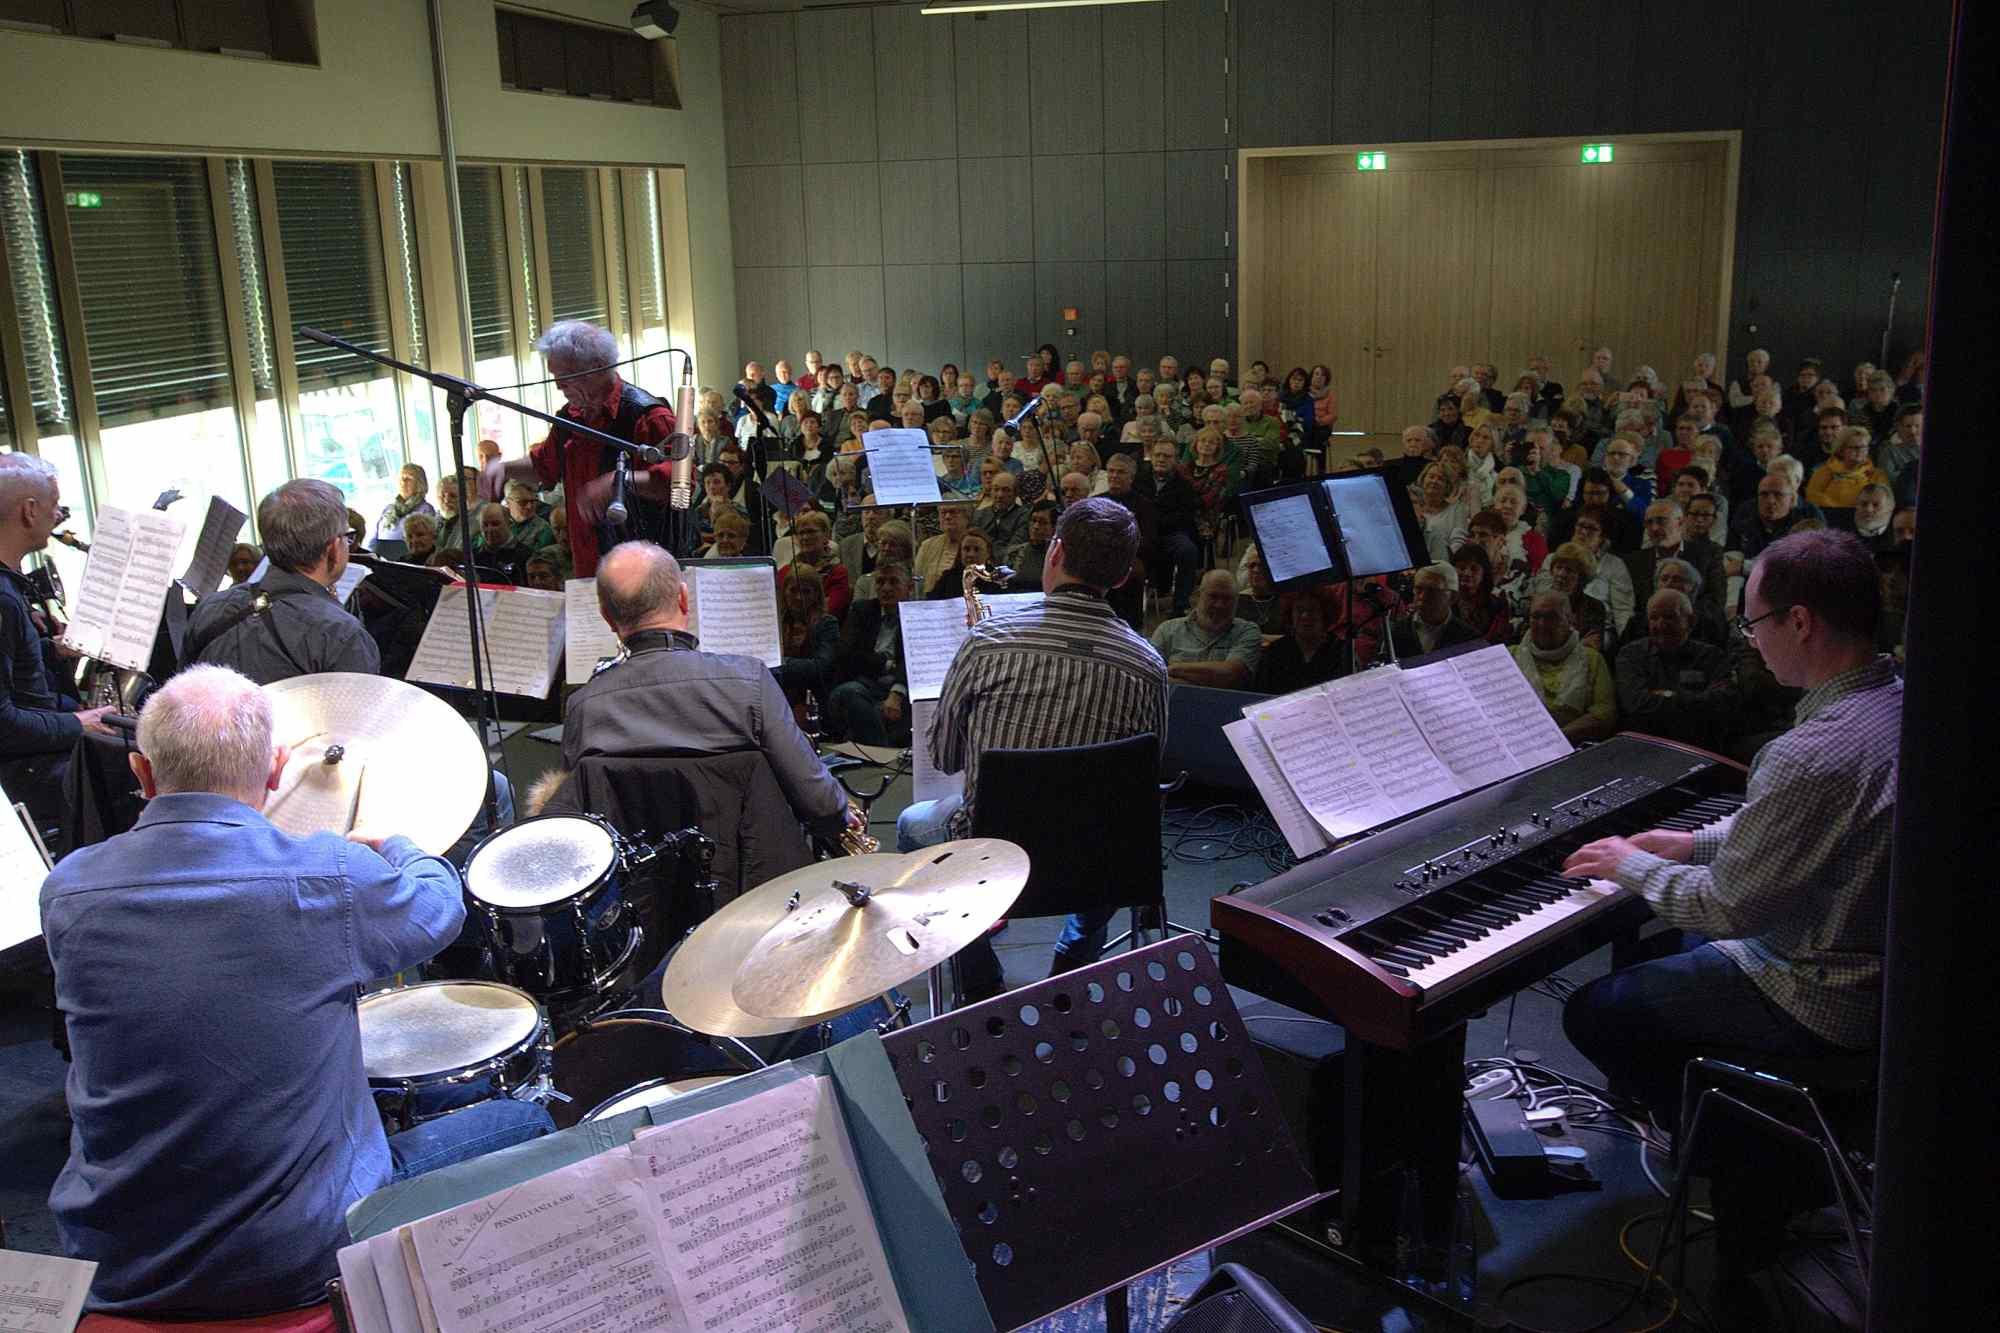 Bongos-Bigband-Konzert_20200301_DSC_2165.NEF_